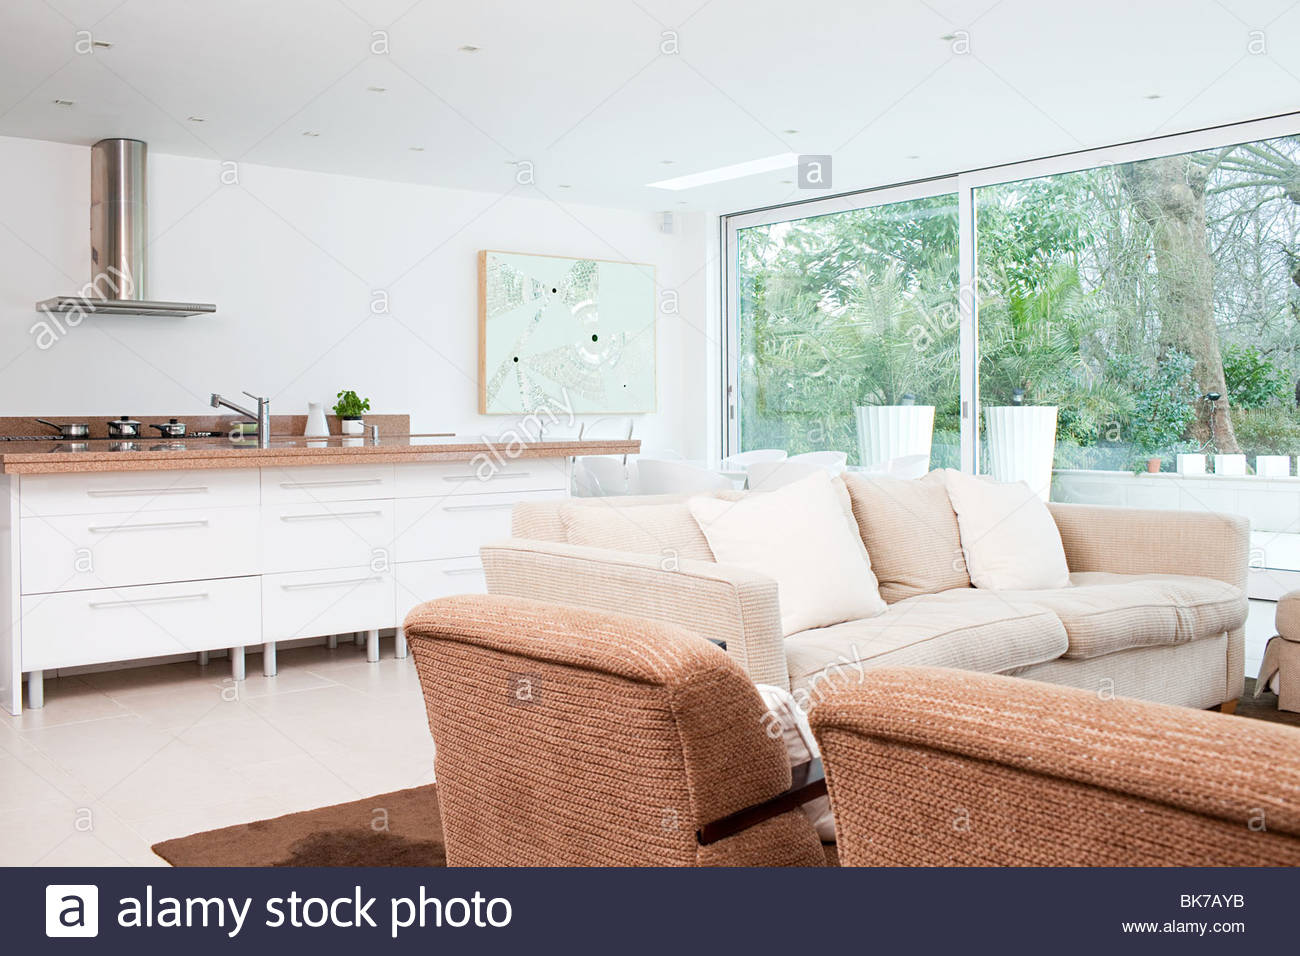 Plan abierto salón y cocina Imagen De Stock